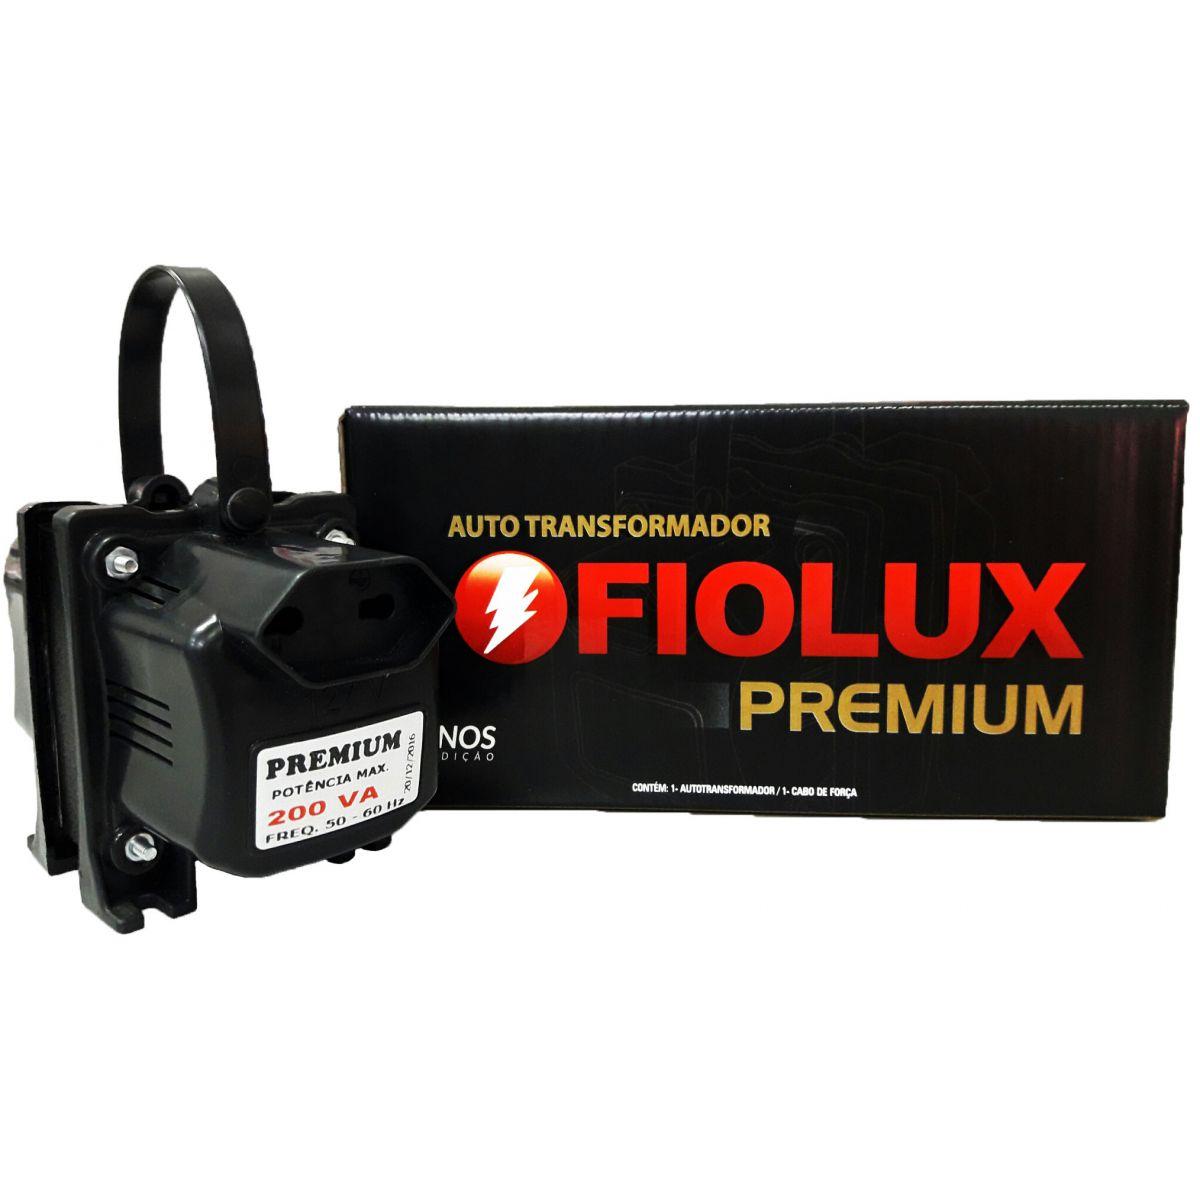 Transformador Fiolux Premium 200VA Bivolt 110/220 e 220/110 Ref: 200 VA